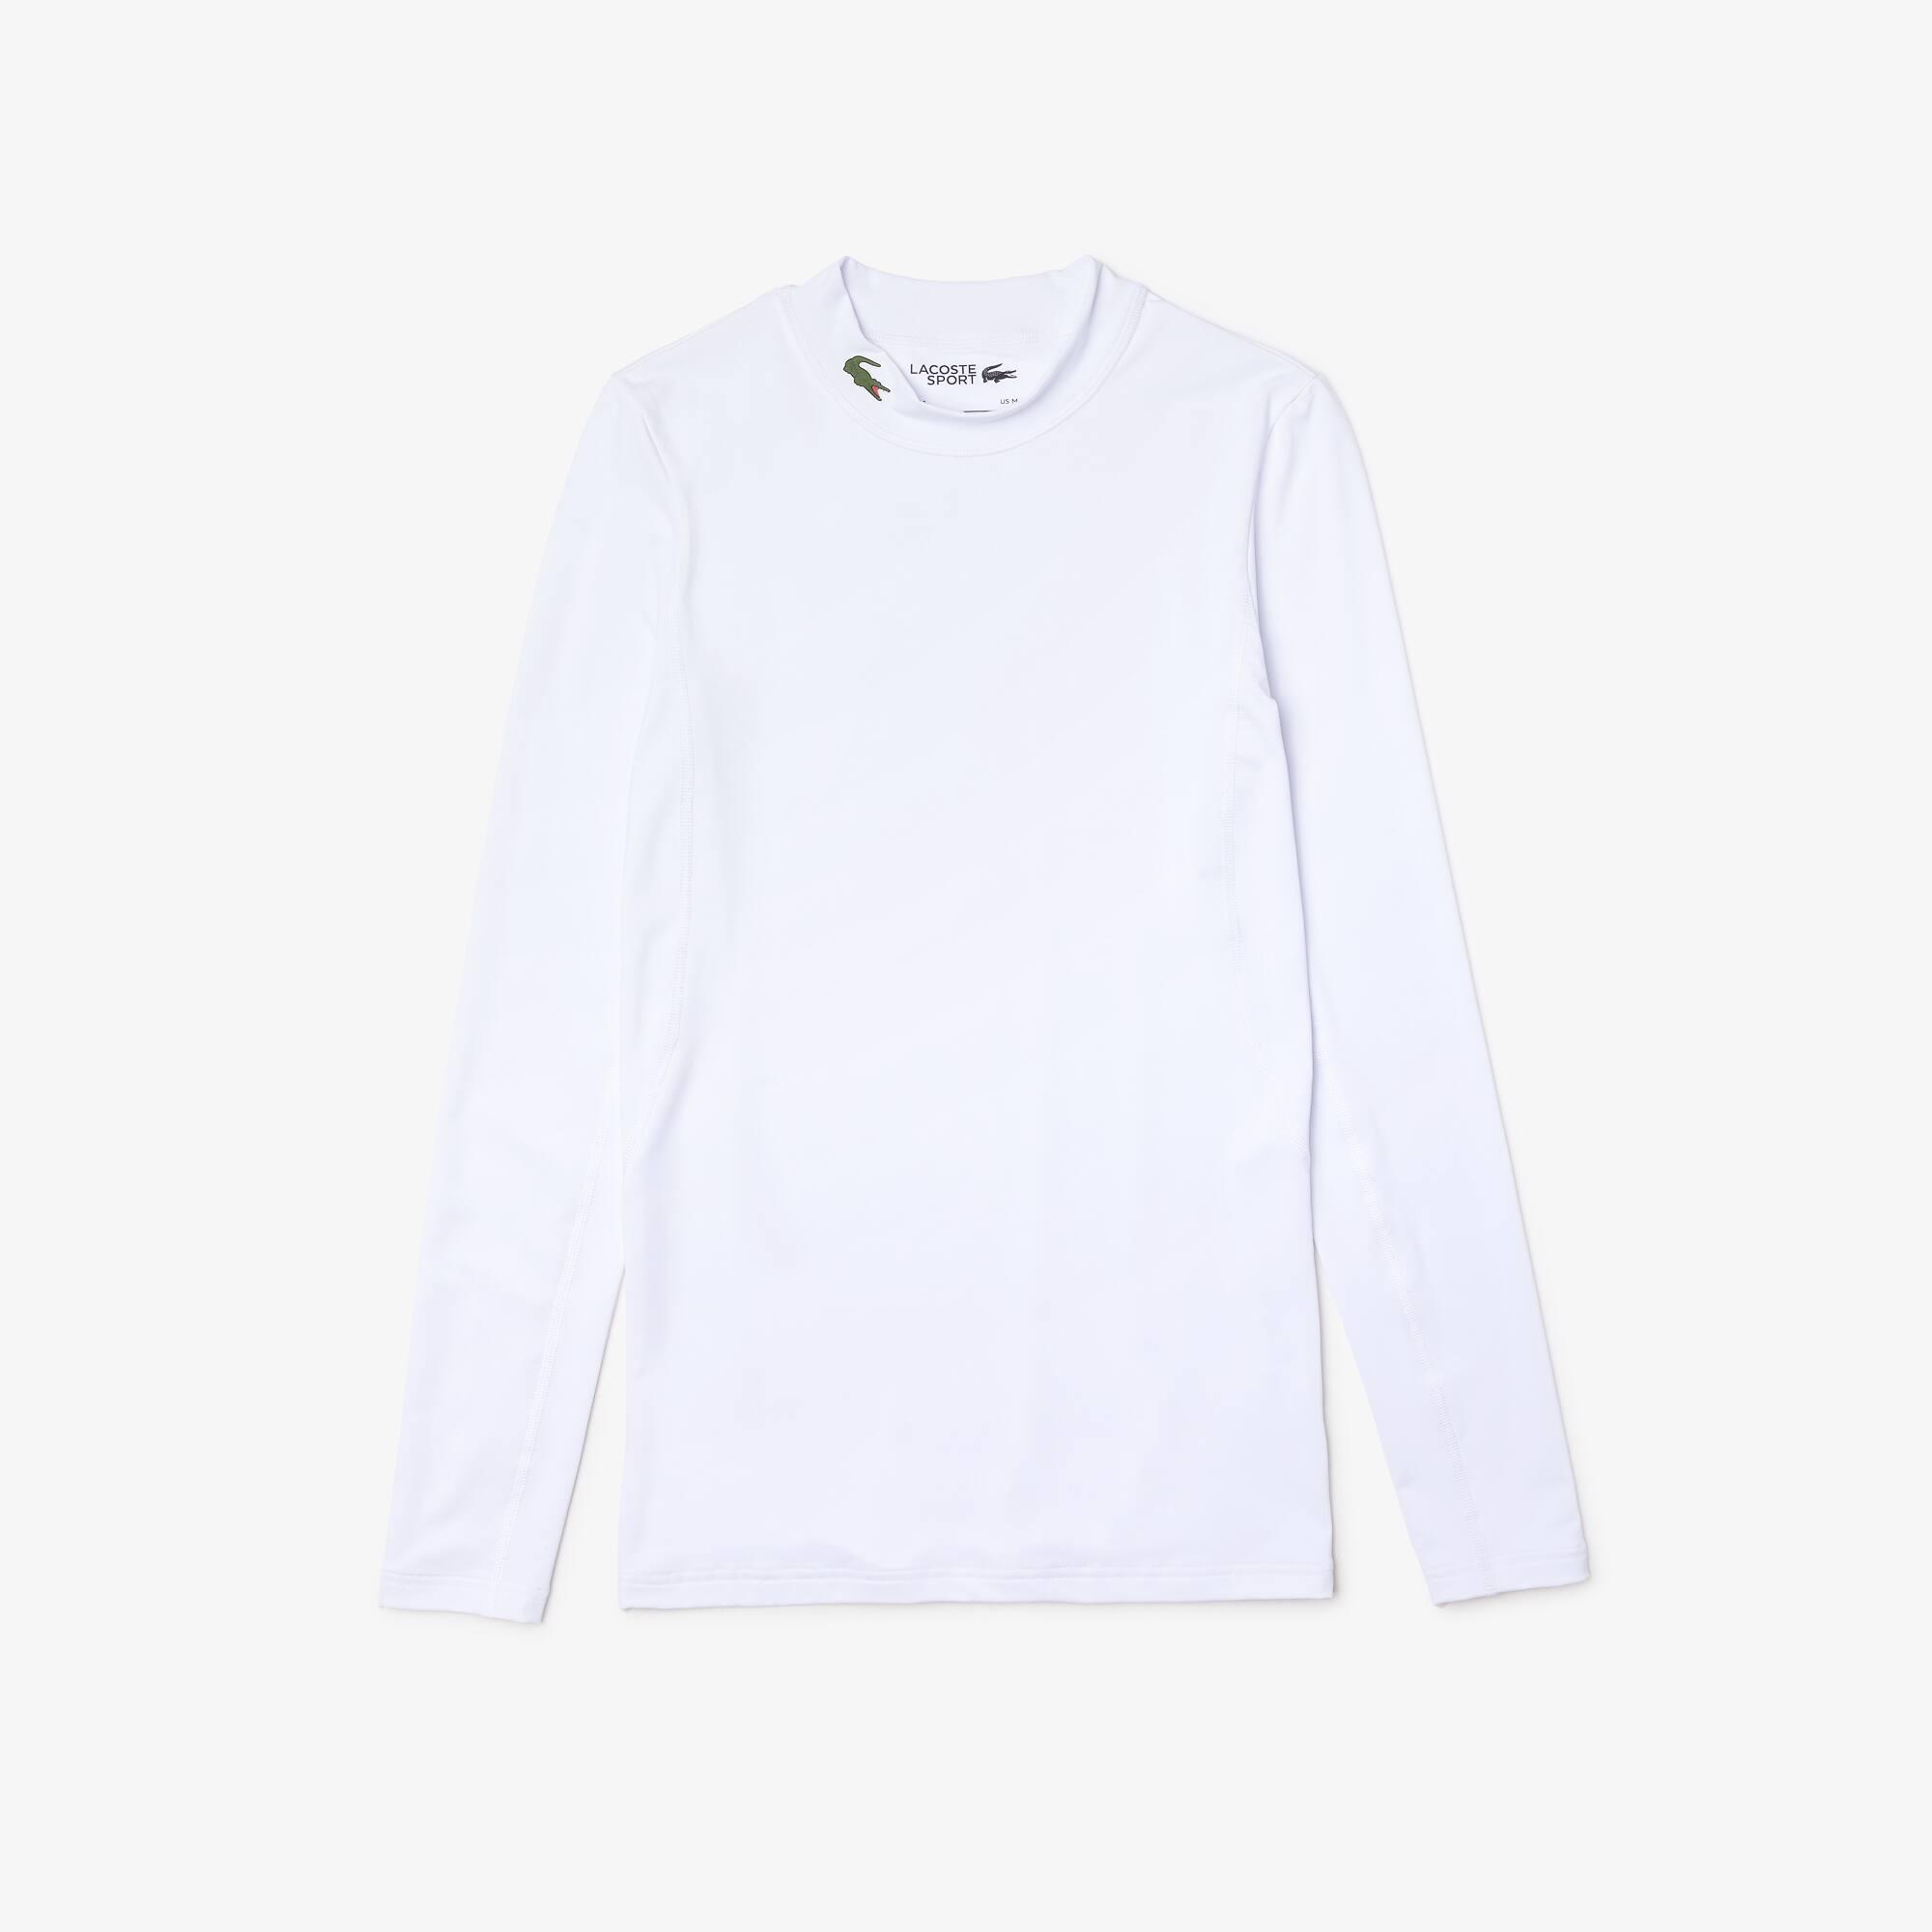 Men's Lacoste SPORT Technical Jersey Golf T-shirt